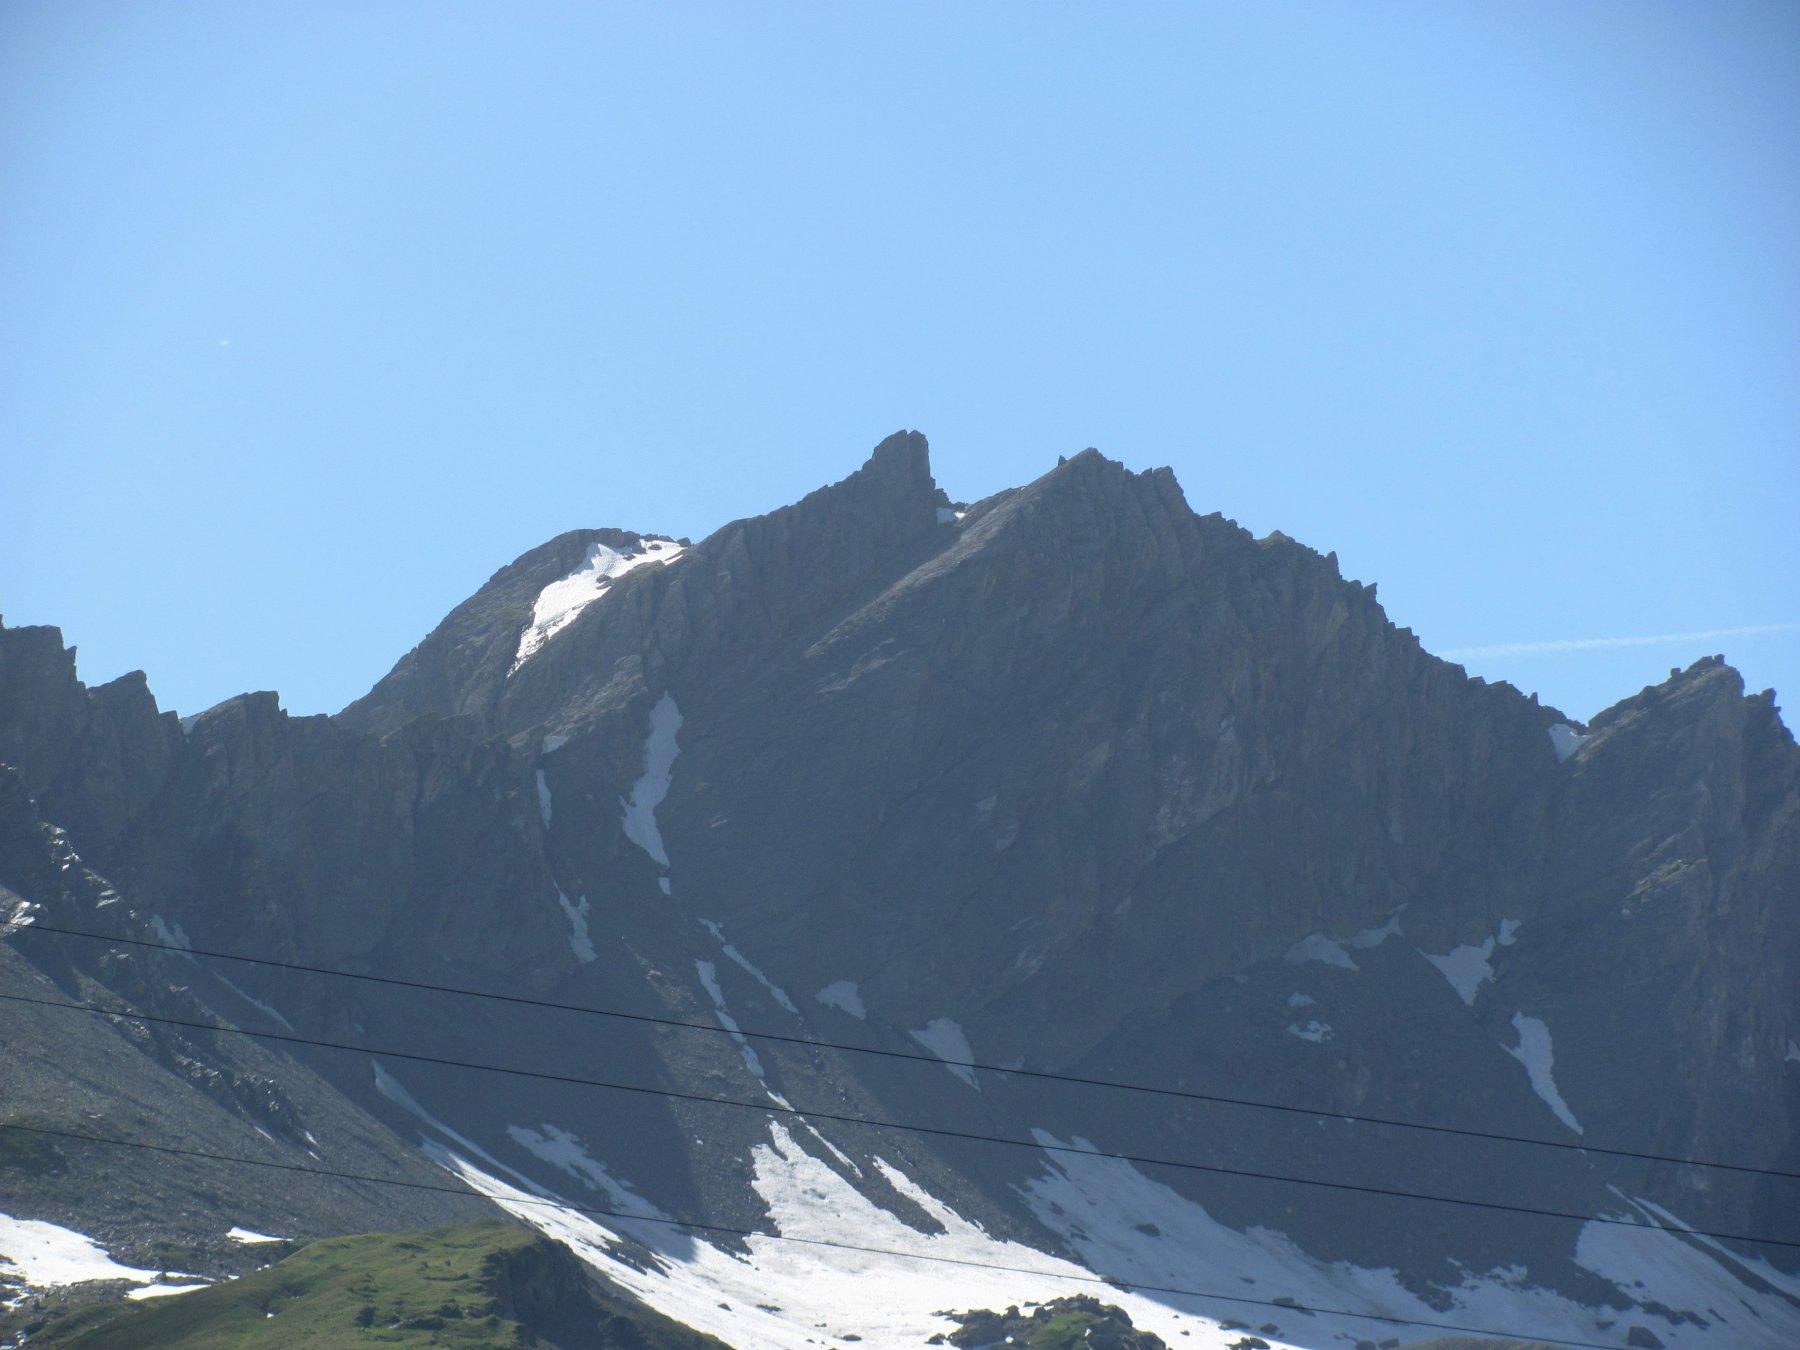 La minuscola (bifida) vetta del M. Fourclaz, con l'anticima dietro, vista dalla strada che sale al P.S. Bernardo